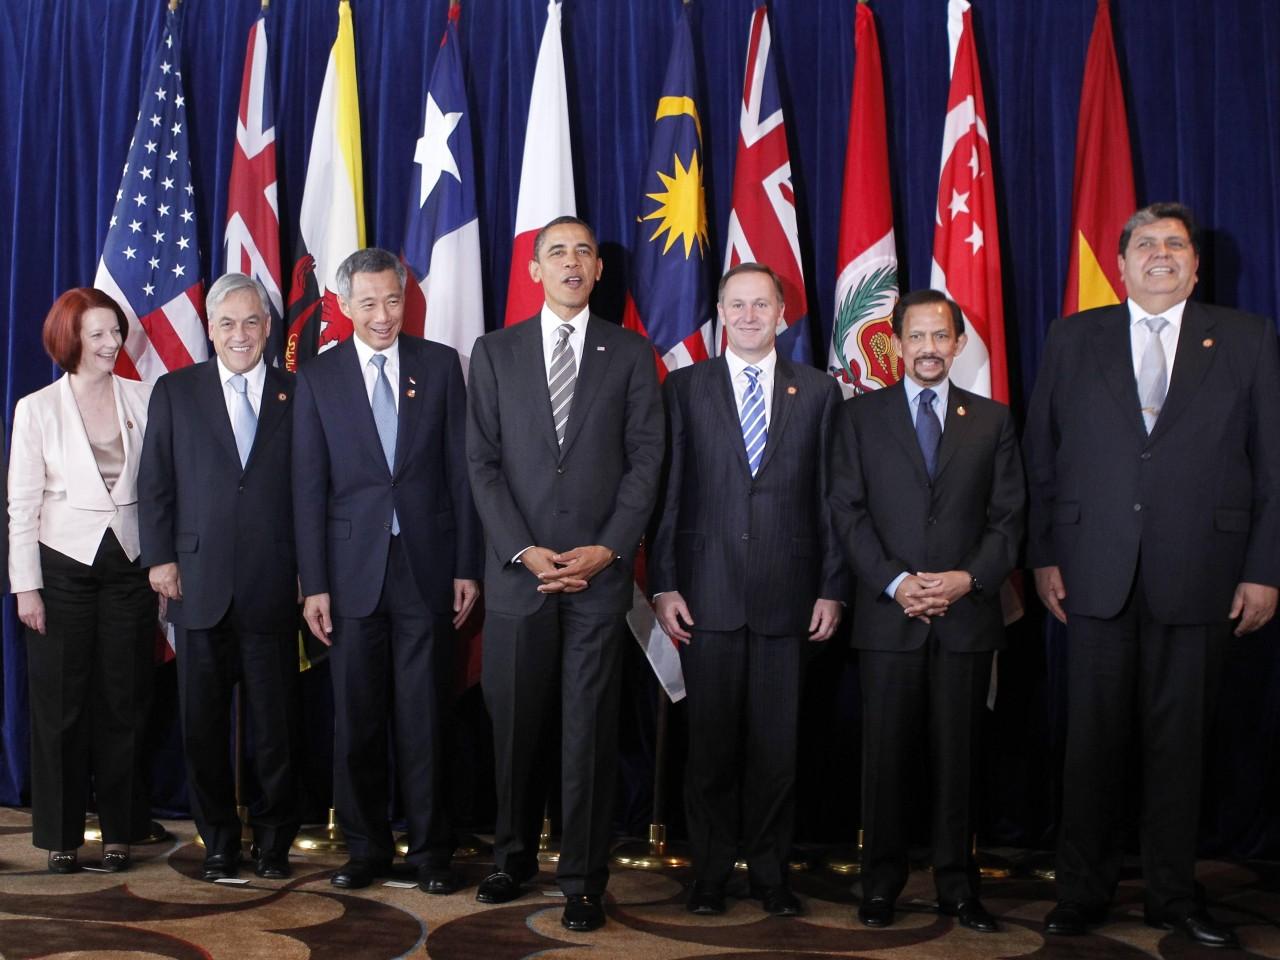 12 países, incluido México, concluyeron las negociaciones del mayor acuerdo regional de libre comercio de la historia; analistas advierten de sus nocivos efectos